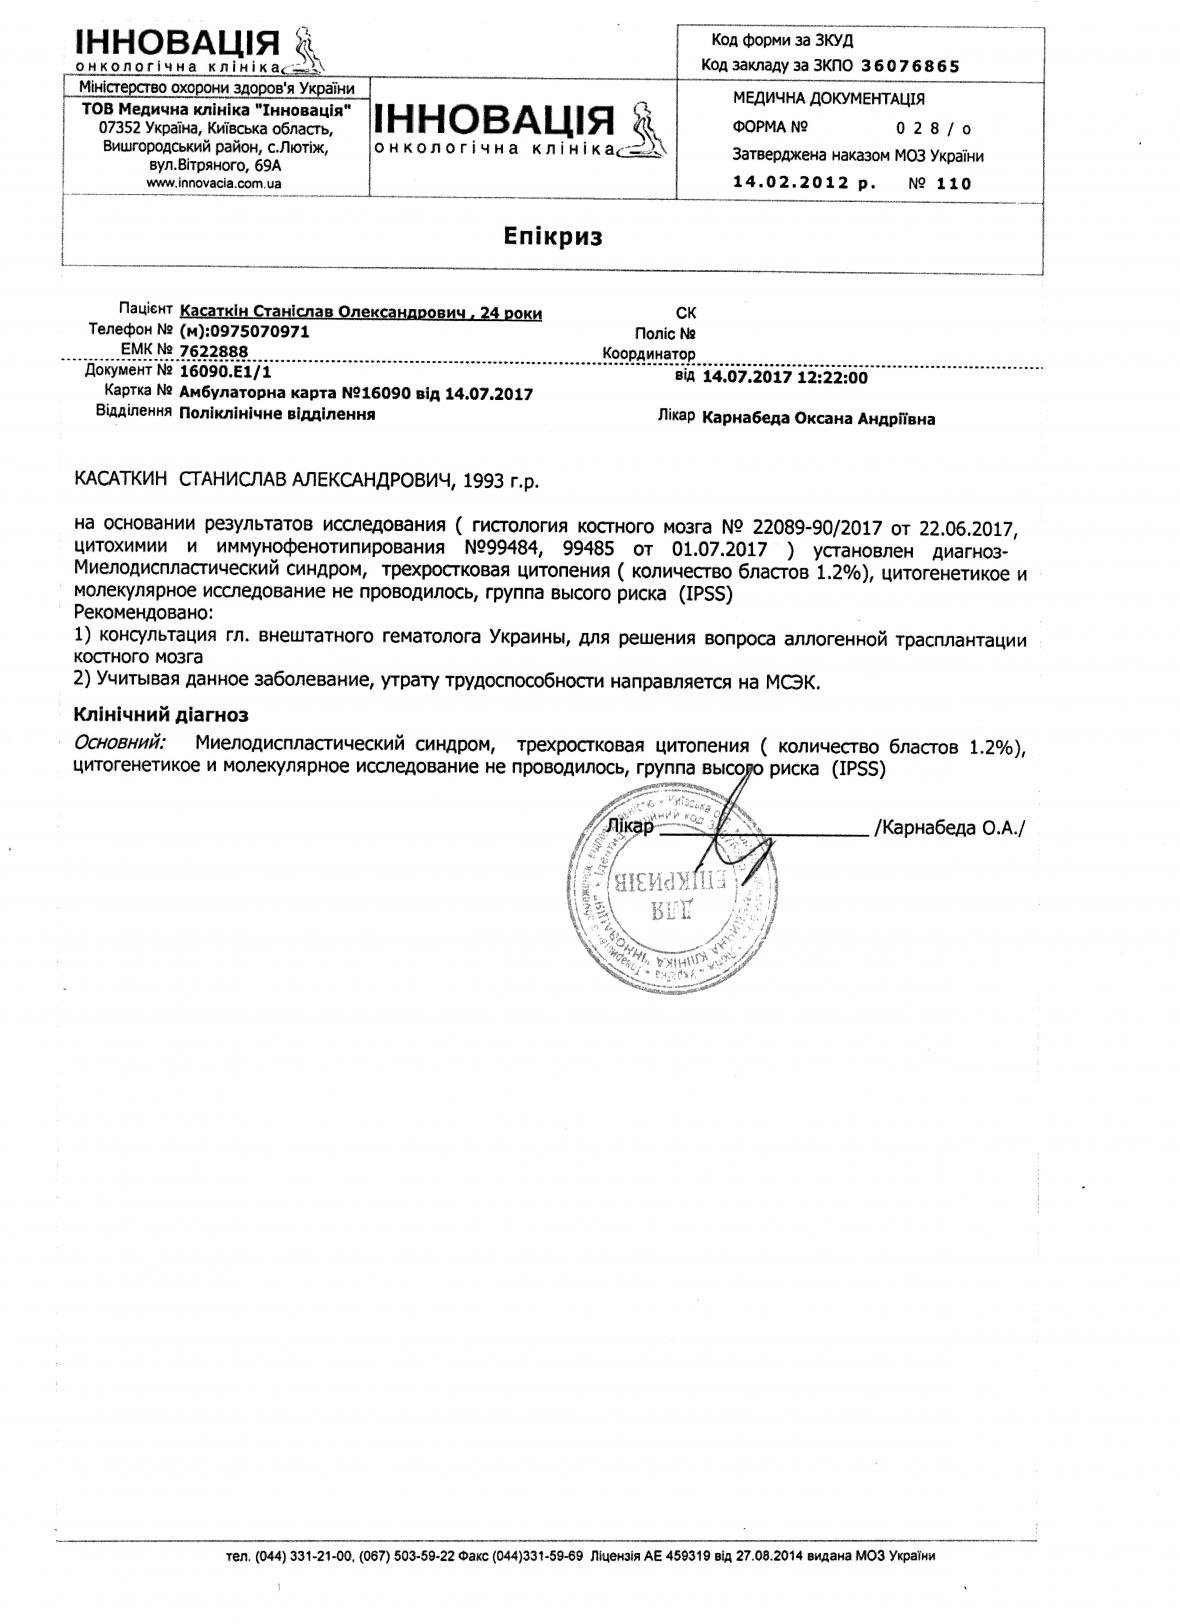 Криворожанин ушел служить в армию, а через несколько месяцев у него выявили страшную болезнь (ФОТО), фото-2